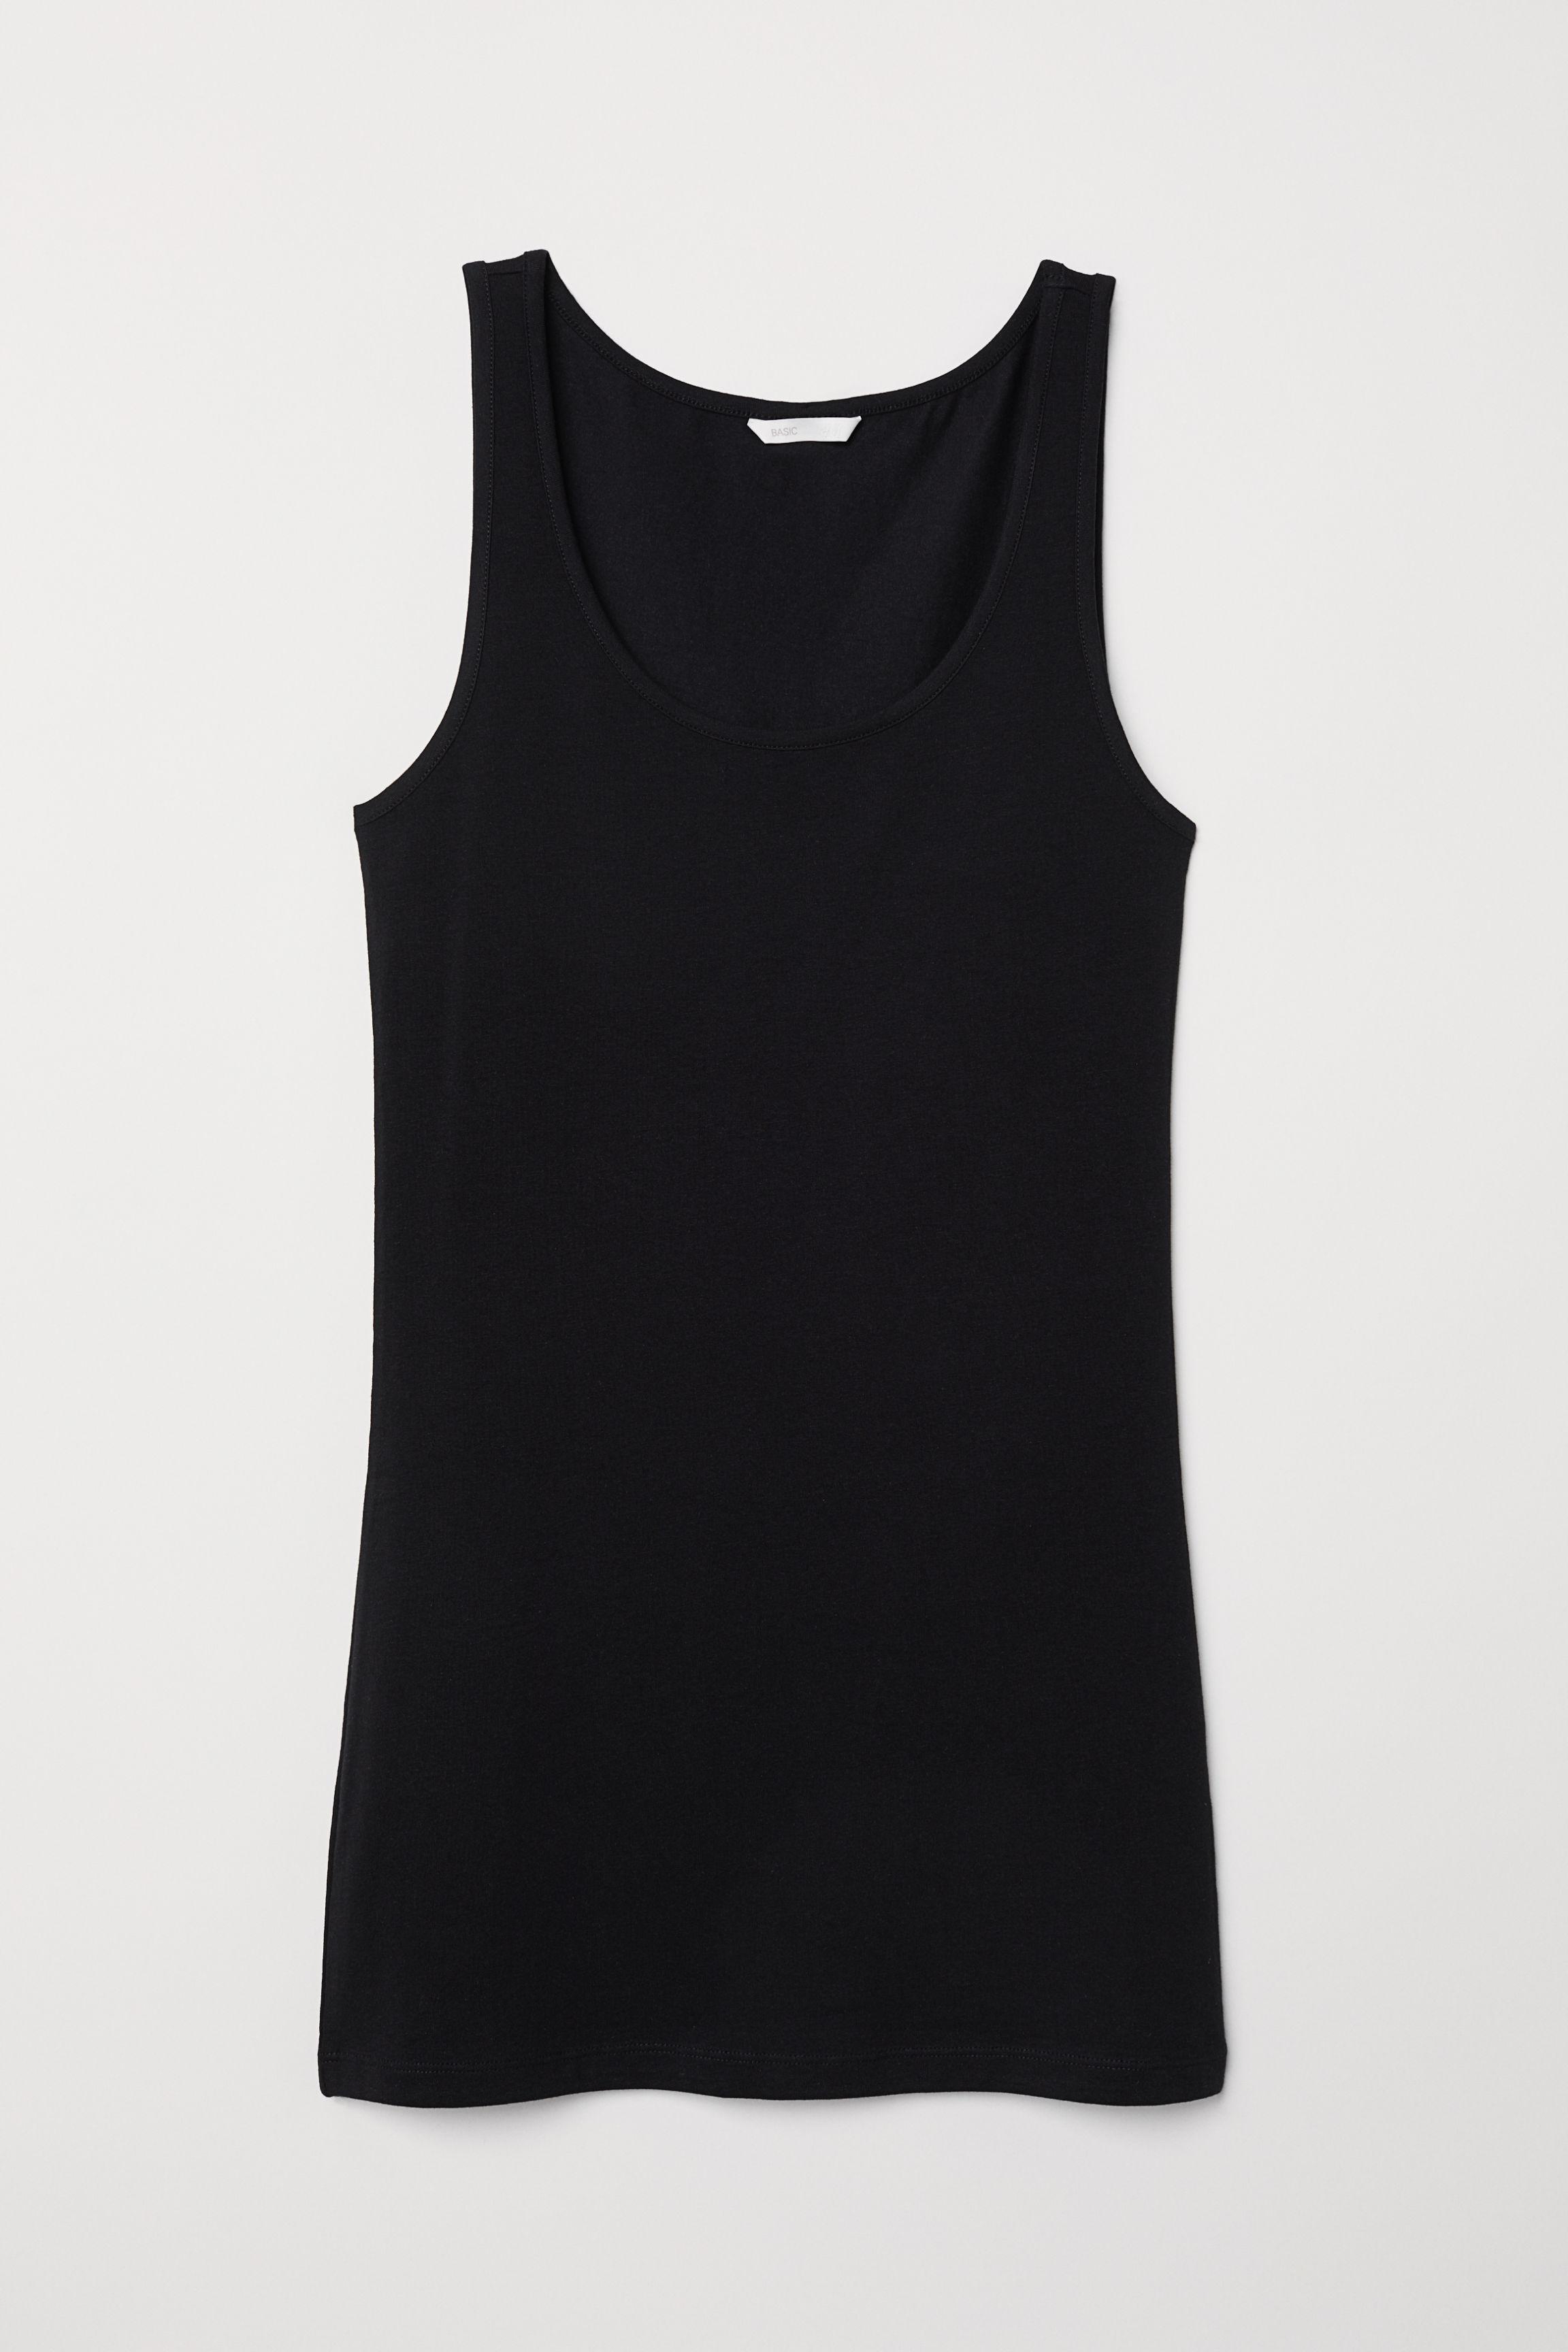 698238035ab712 Long Jersey Tank Top - Black - Ladies